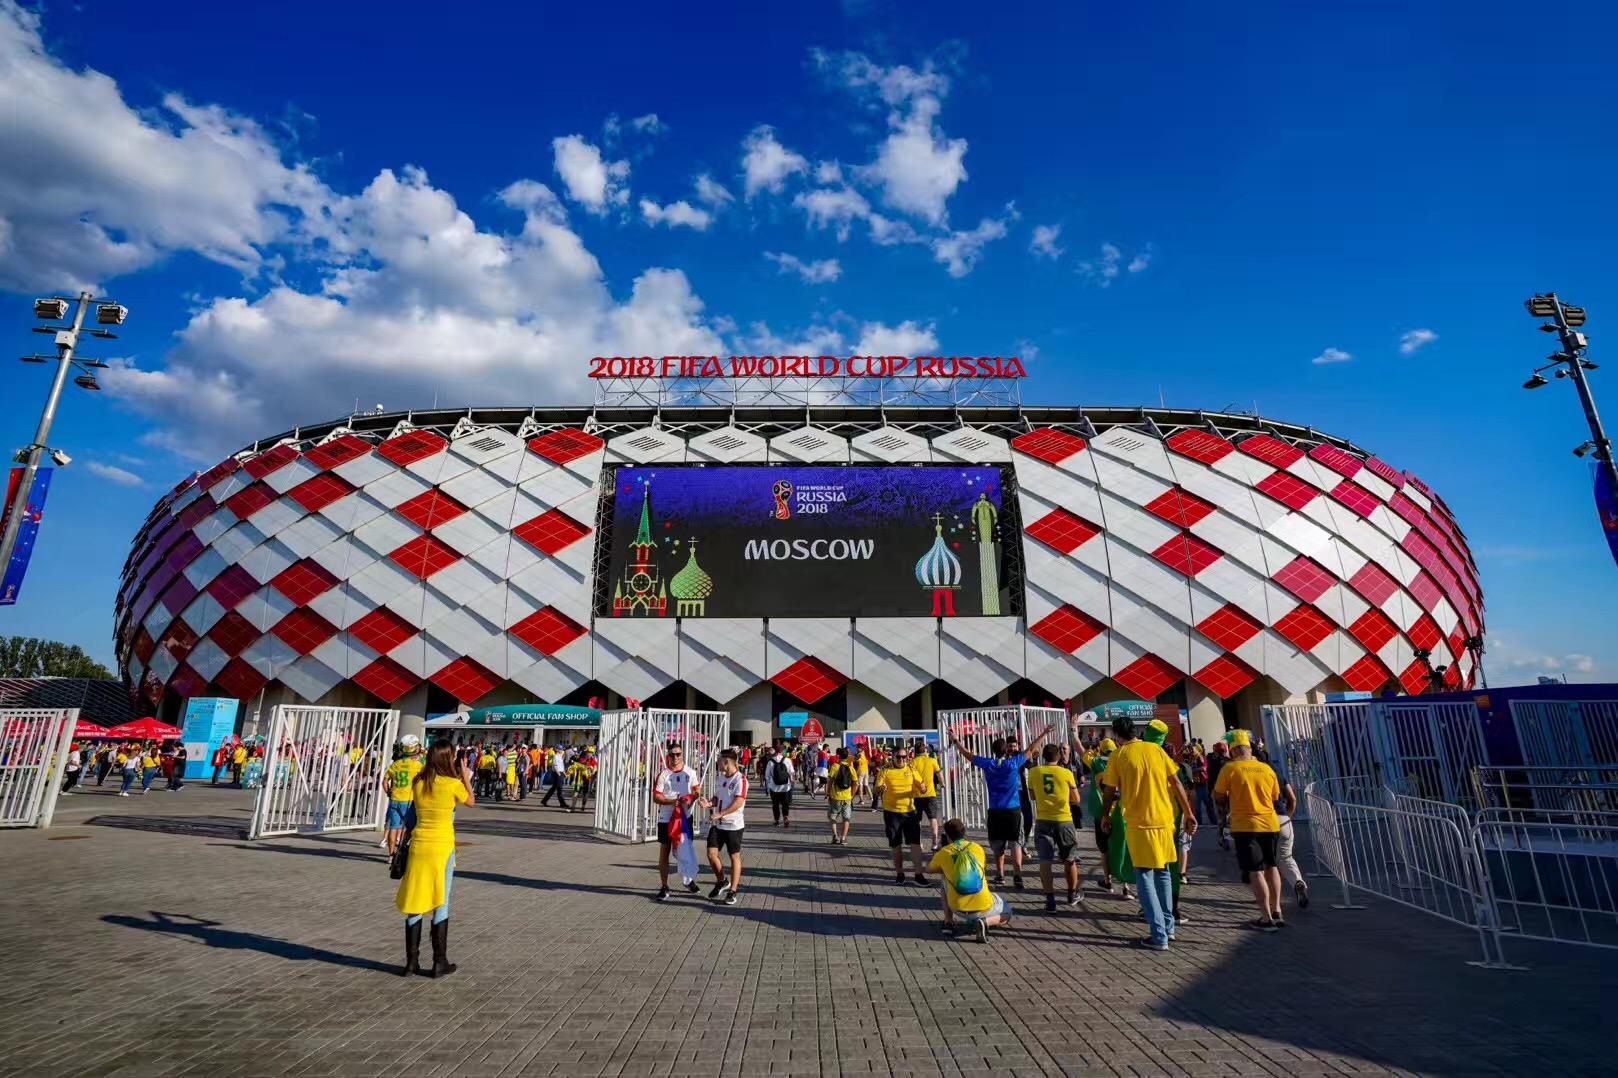 世界杯场馆巡礼:斯巴达克竞技场